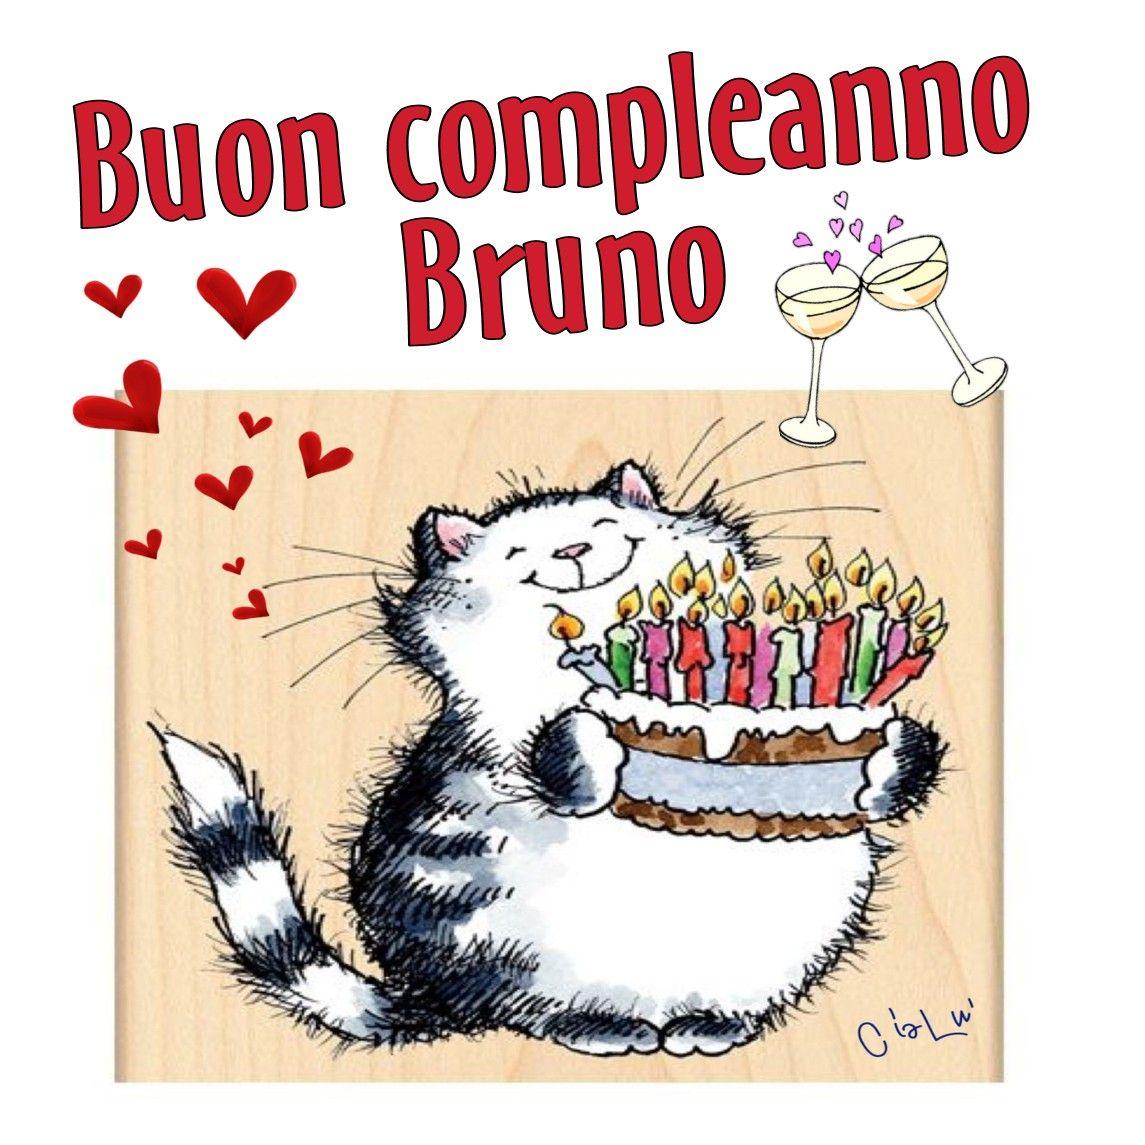 Buon Compleanno Bruno Buon Compleanno Compleanno E Onomastico